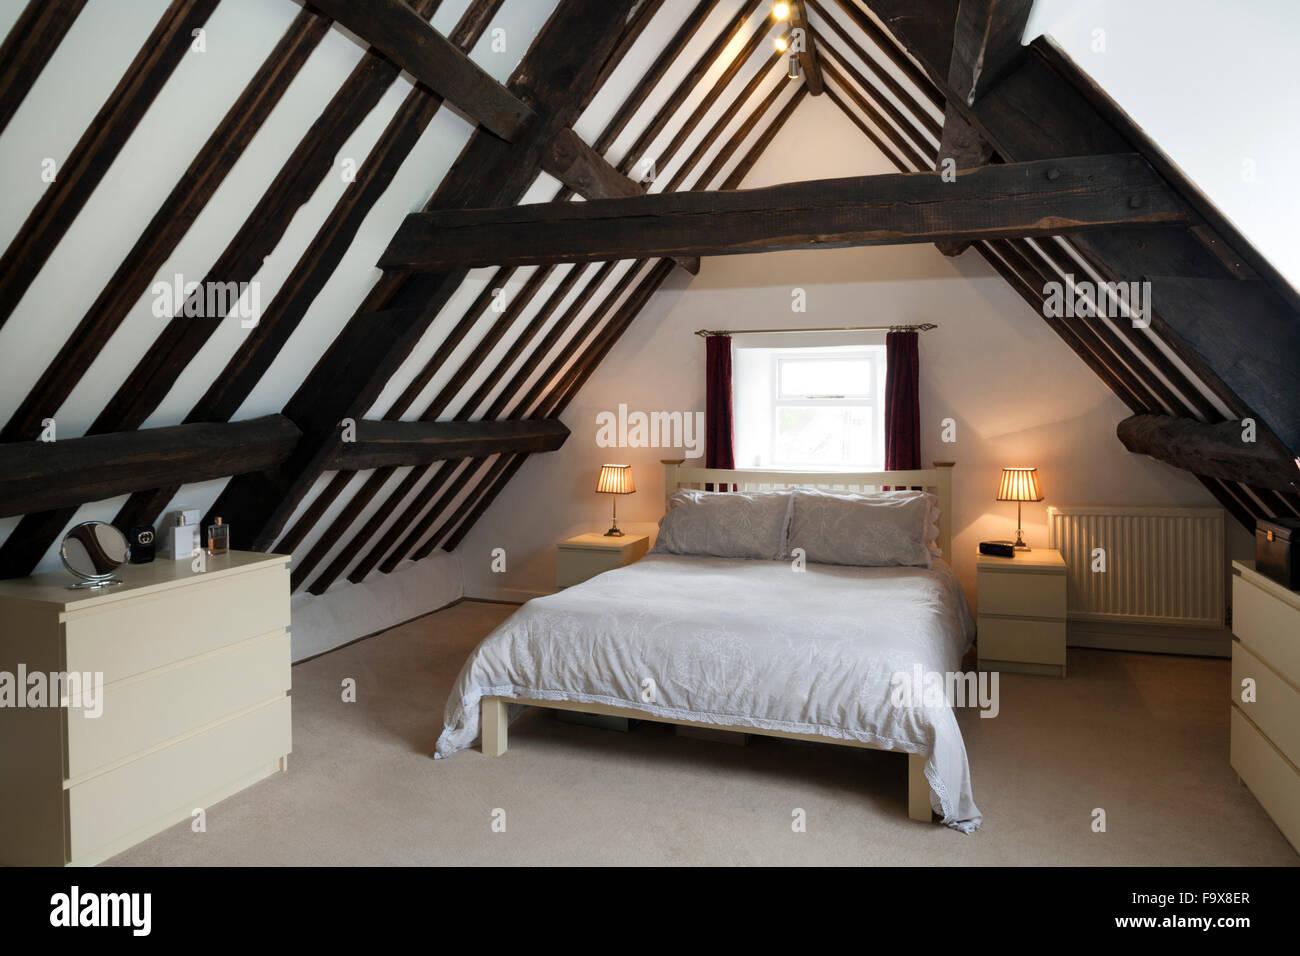 Alte Dachgeschoss Schlafzimmer Mit Modernem Ikea Mobeln Stockfoto